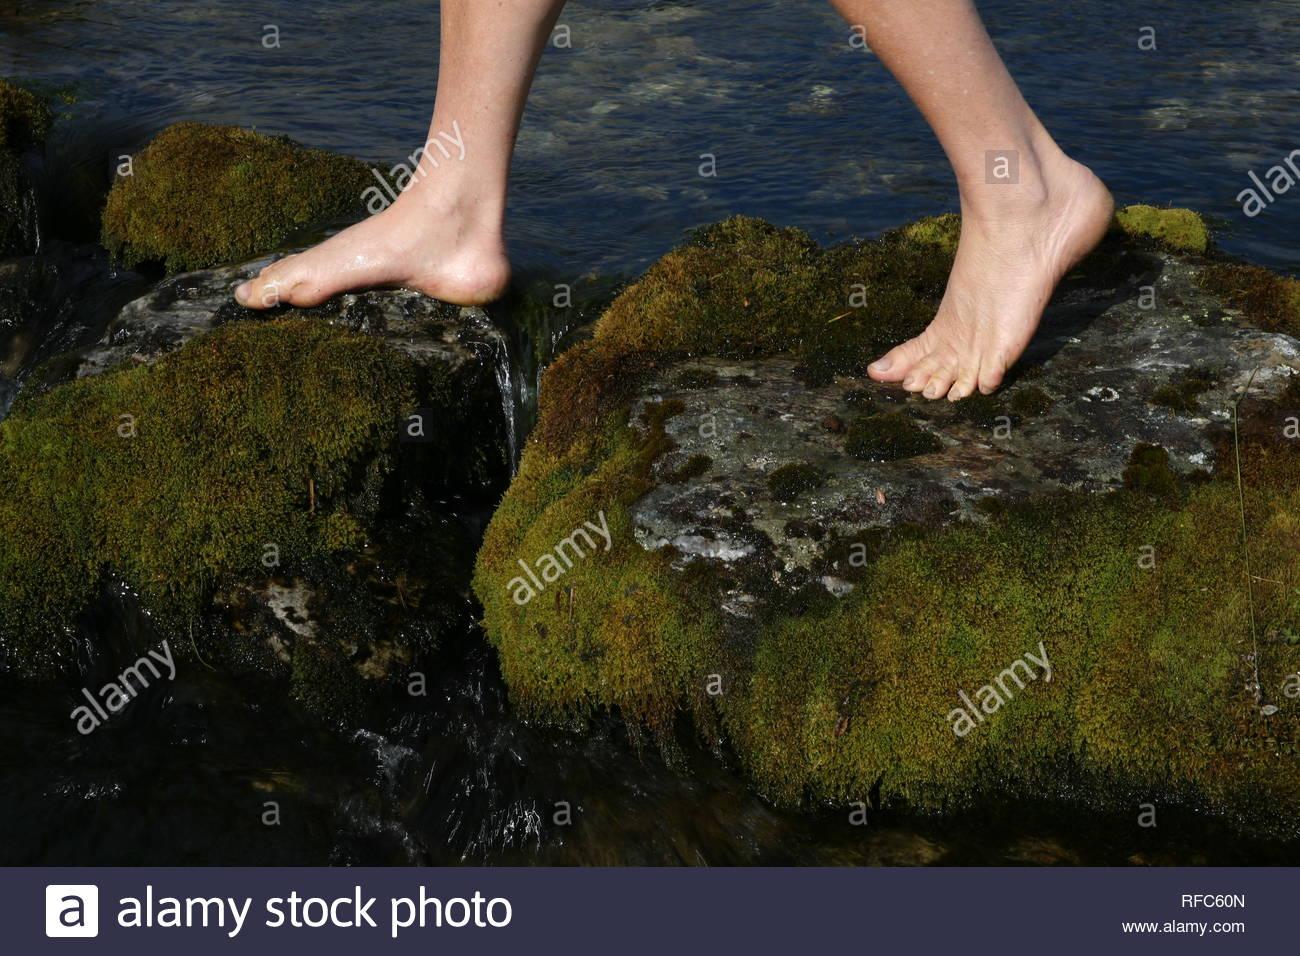 Barfuss die Natur geniessen am Wasser - Stock Image